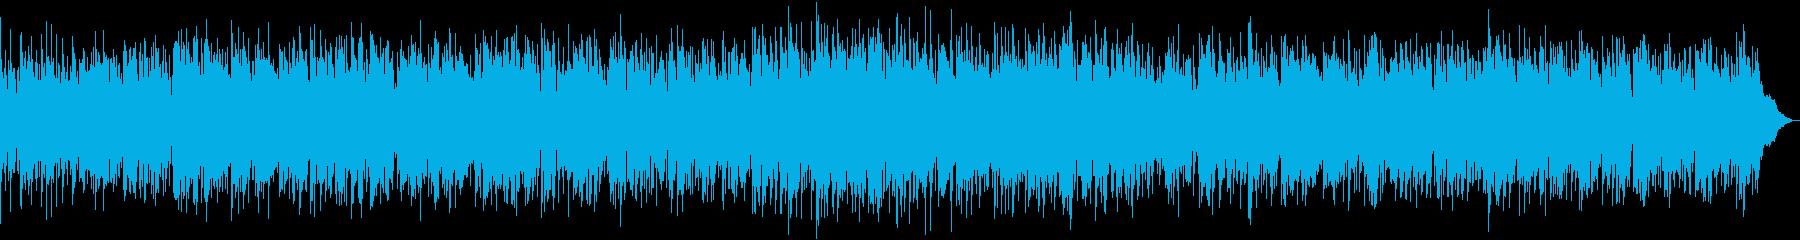 ピアノとサックスのゆったりポップスの再生済みの波形